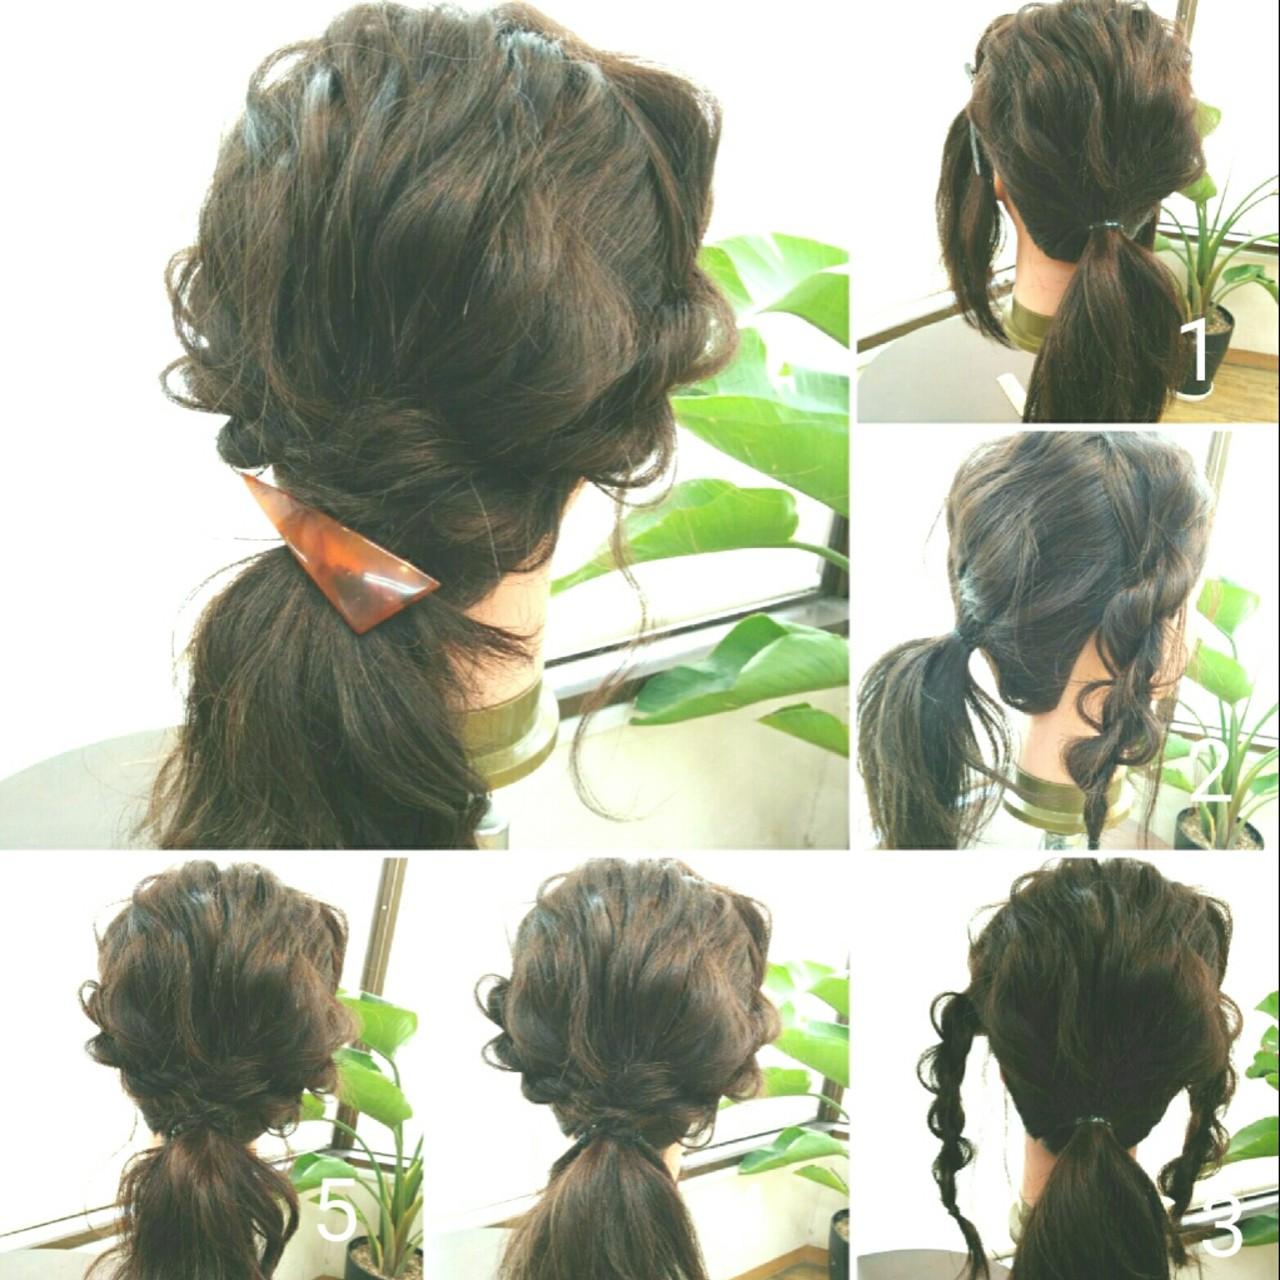 大人かわいい ゆるふわ 夏 ミディアム ヘアスタイルや髪型の写真・画像